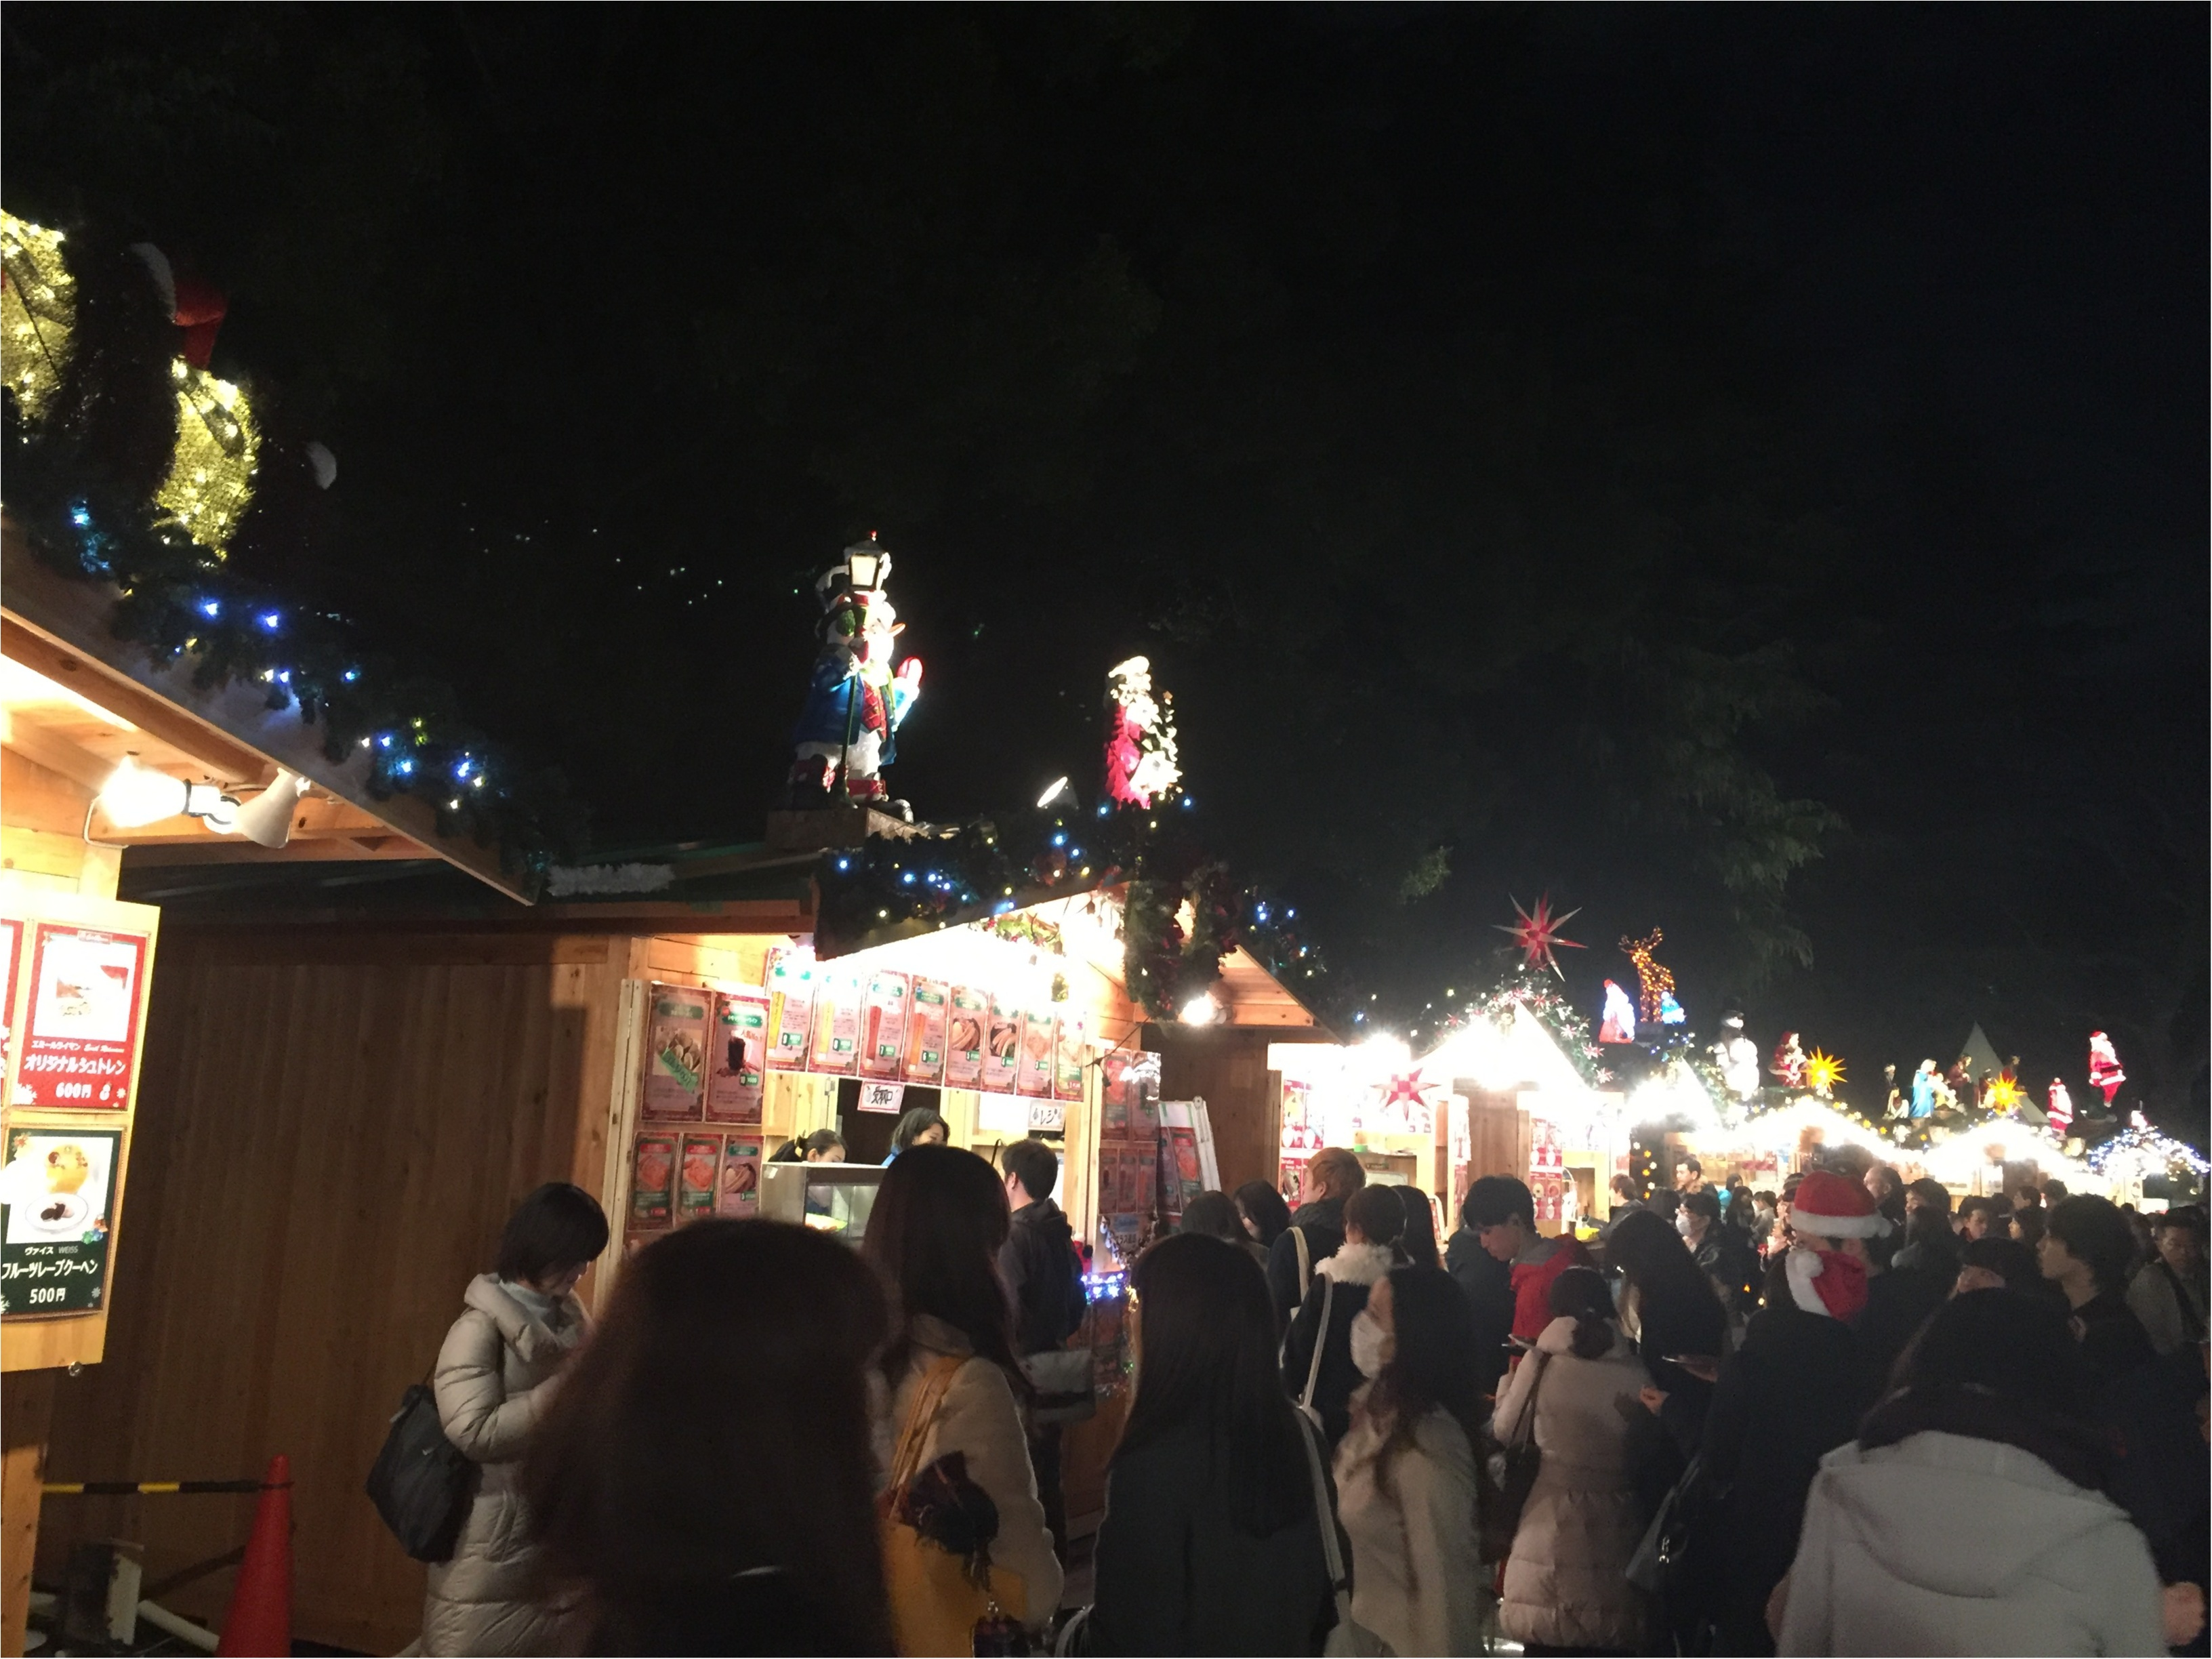 思わぬ素敵な出会いが✨✨日比谷公園【*東京クリスマスマーケット*】に行ってきました♪♪_3